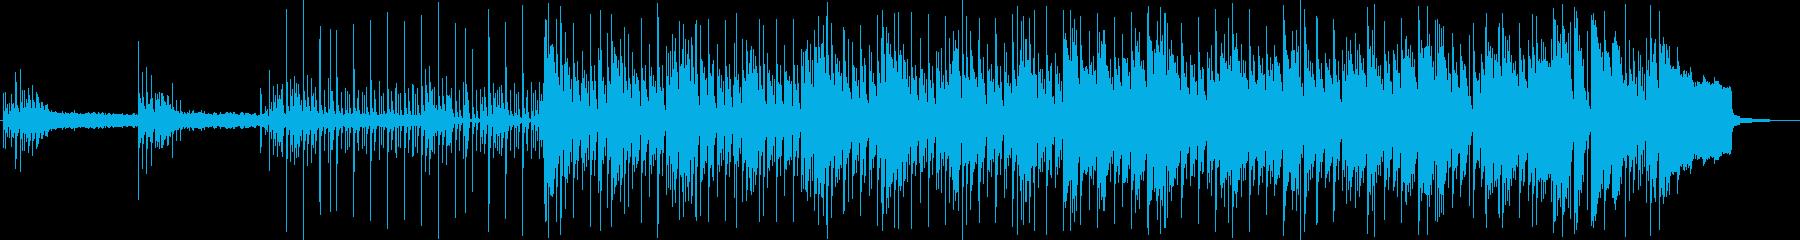 浮遊感のあるテクノポップ音の再生済みの波形